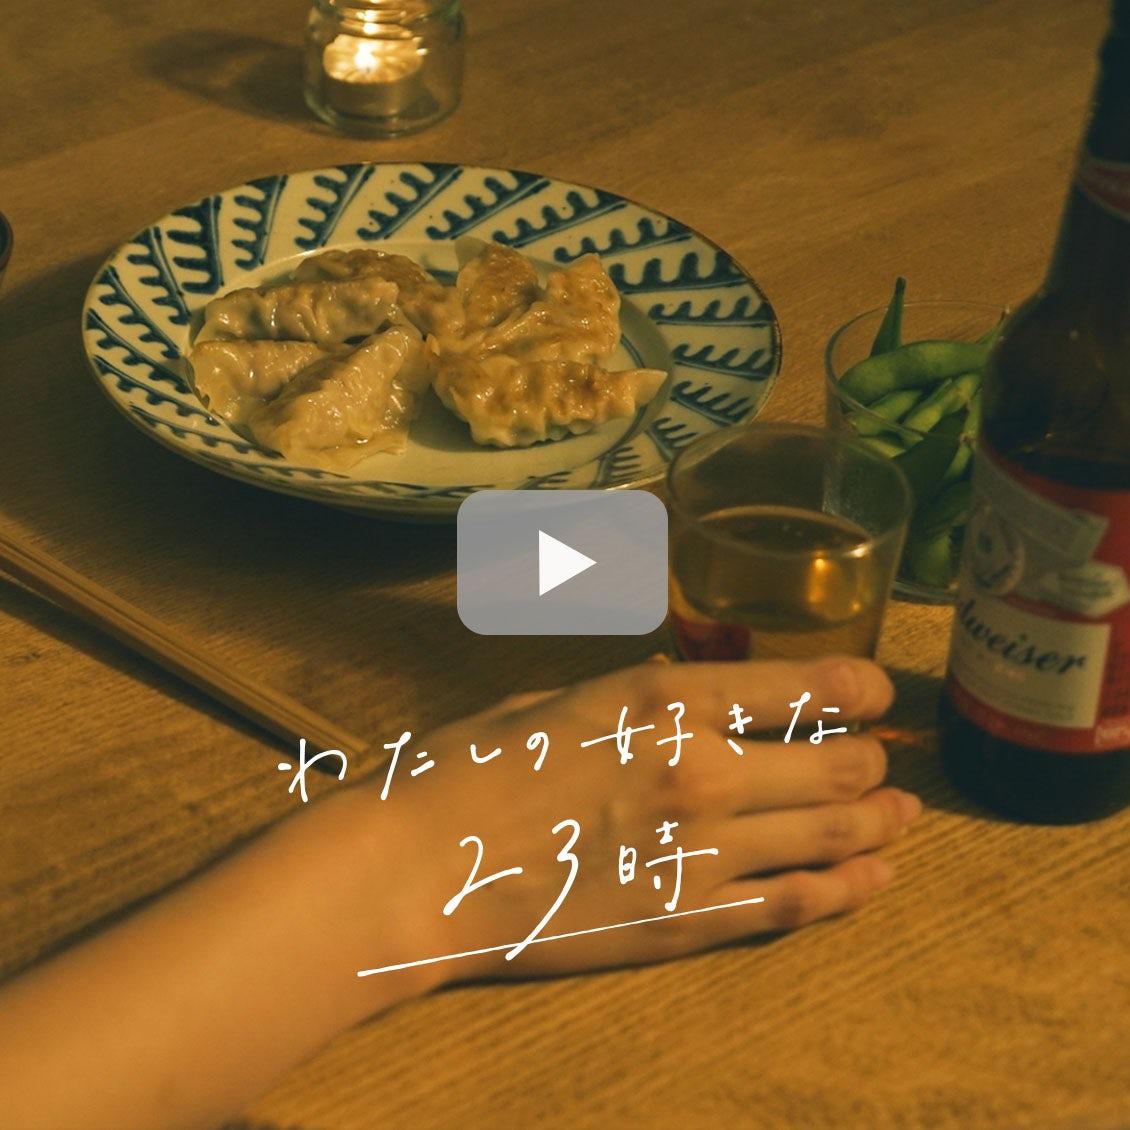 【わたしの好きな時間】待望の夜のお楽しみといえば……。夏は、餃子とビールとホームシアターで決まり!